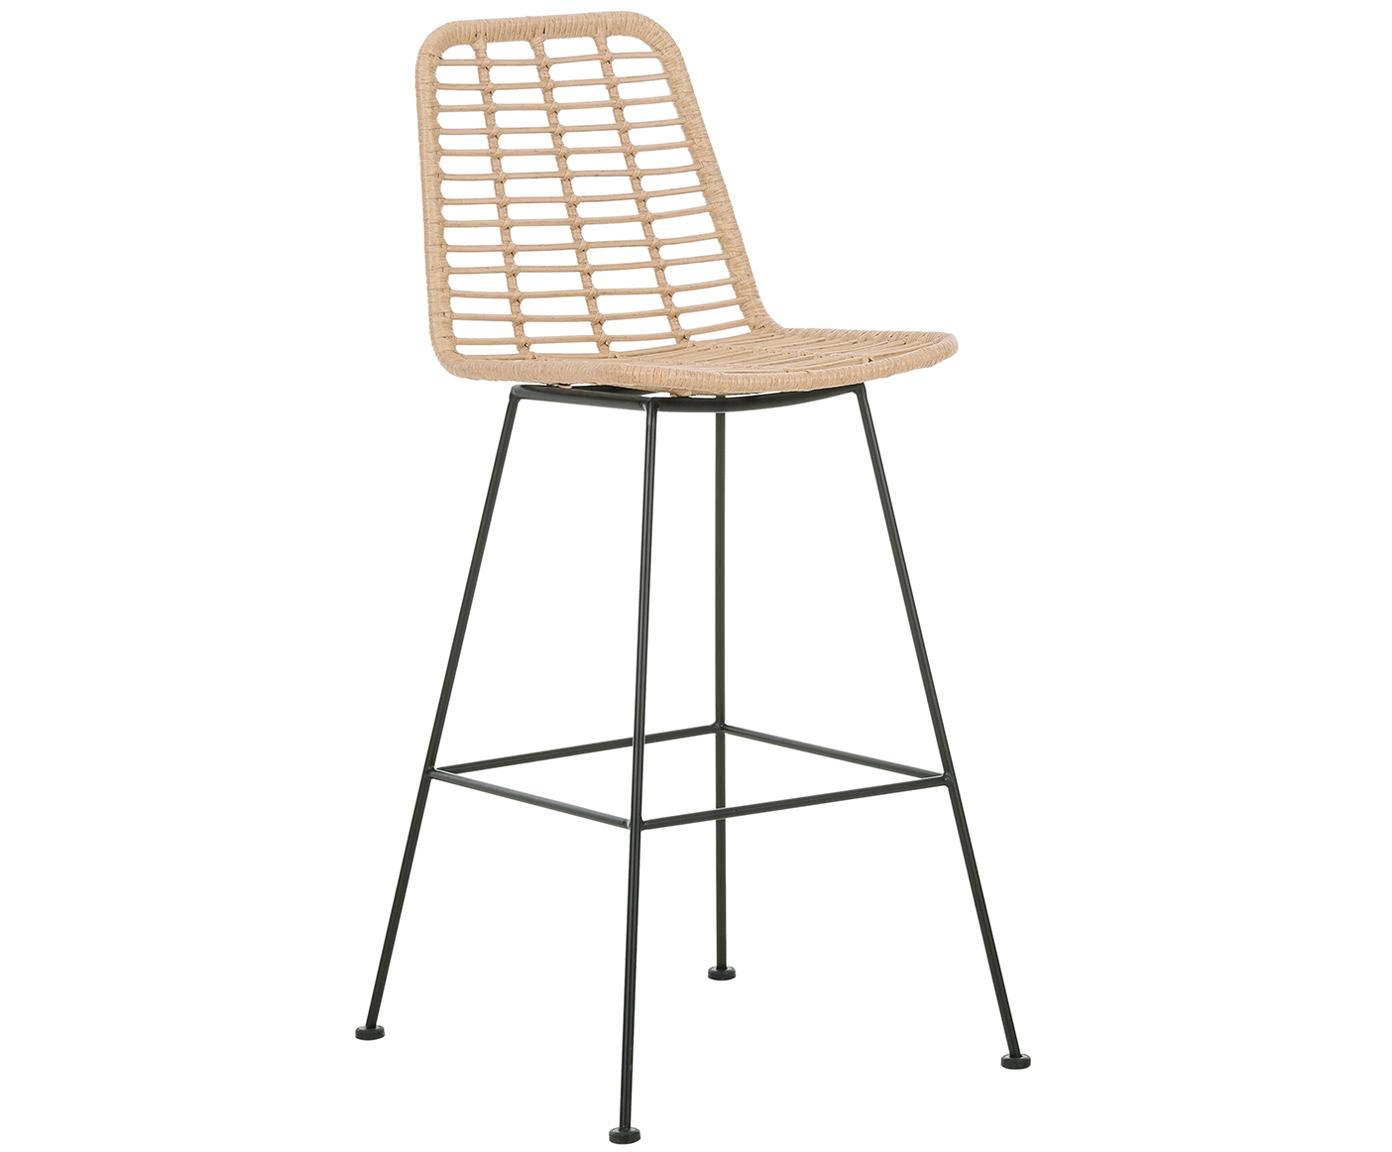 Krzesło barowe z polirattanu Sola, Stelaż: metal malowany proszkowo, Jasny brązowy, S 56 x W 98 cm